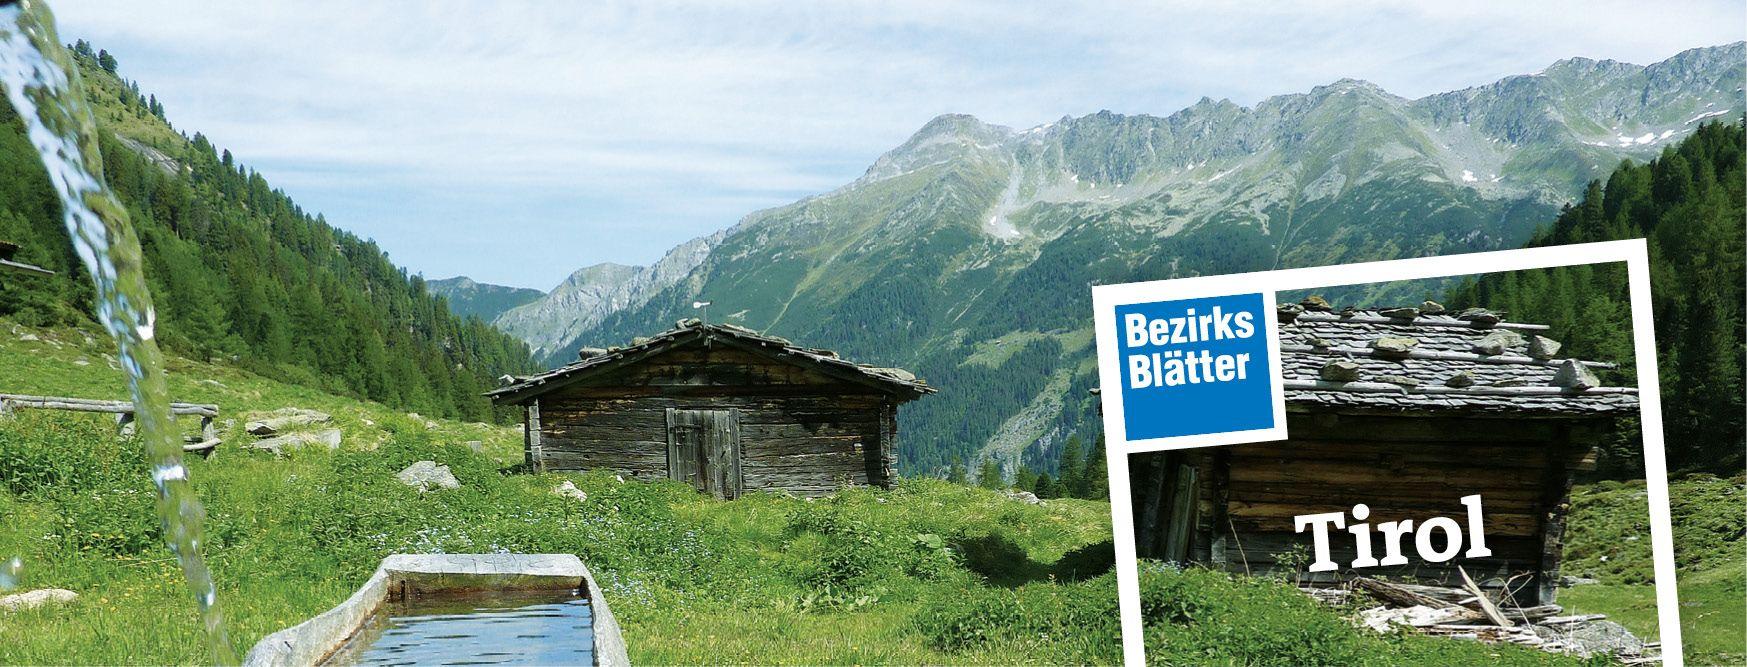 Bezirksblätter Tirol: Tarif, Kontakt, E-Paper, meinbezirk.at, Mediadaten, Streuliste, Beilagen, Technische Daten